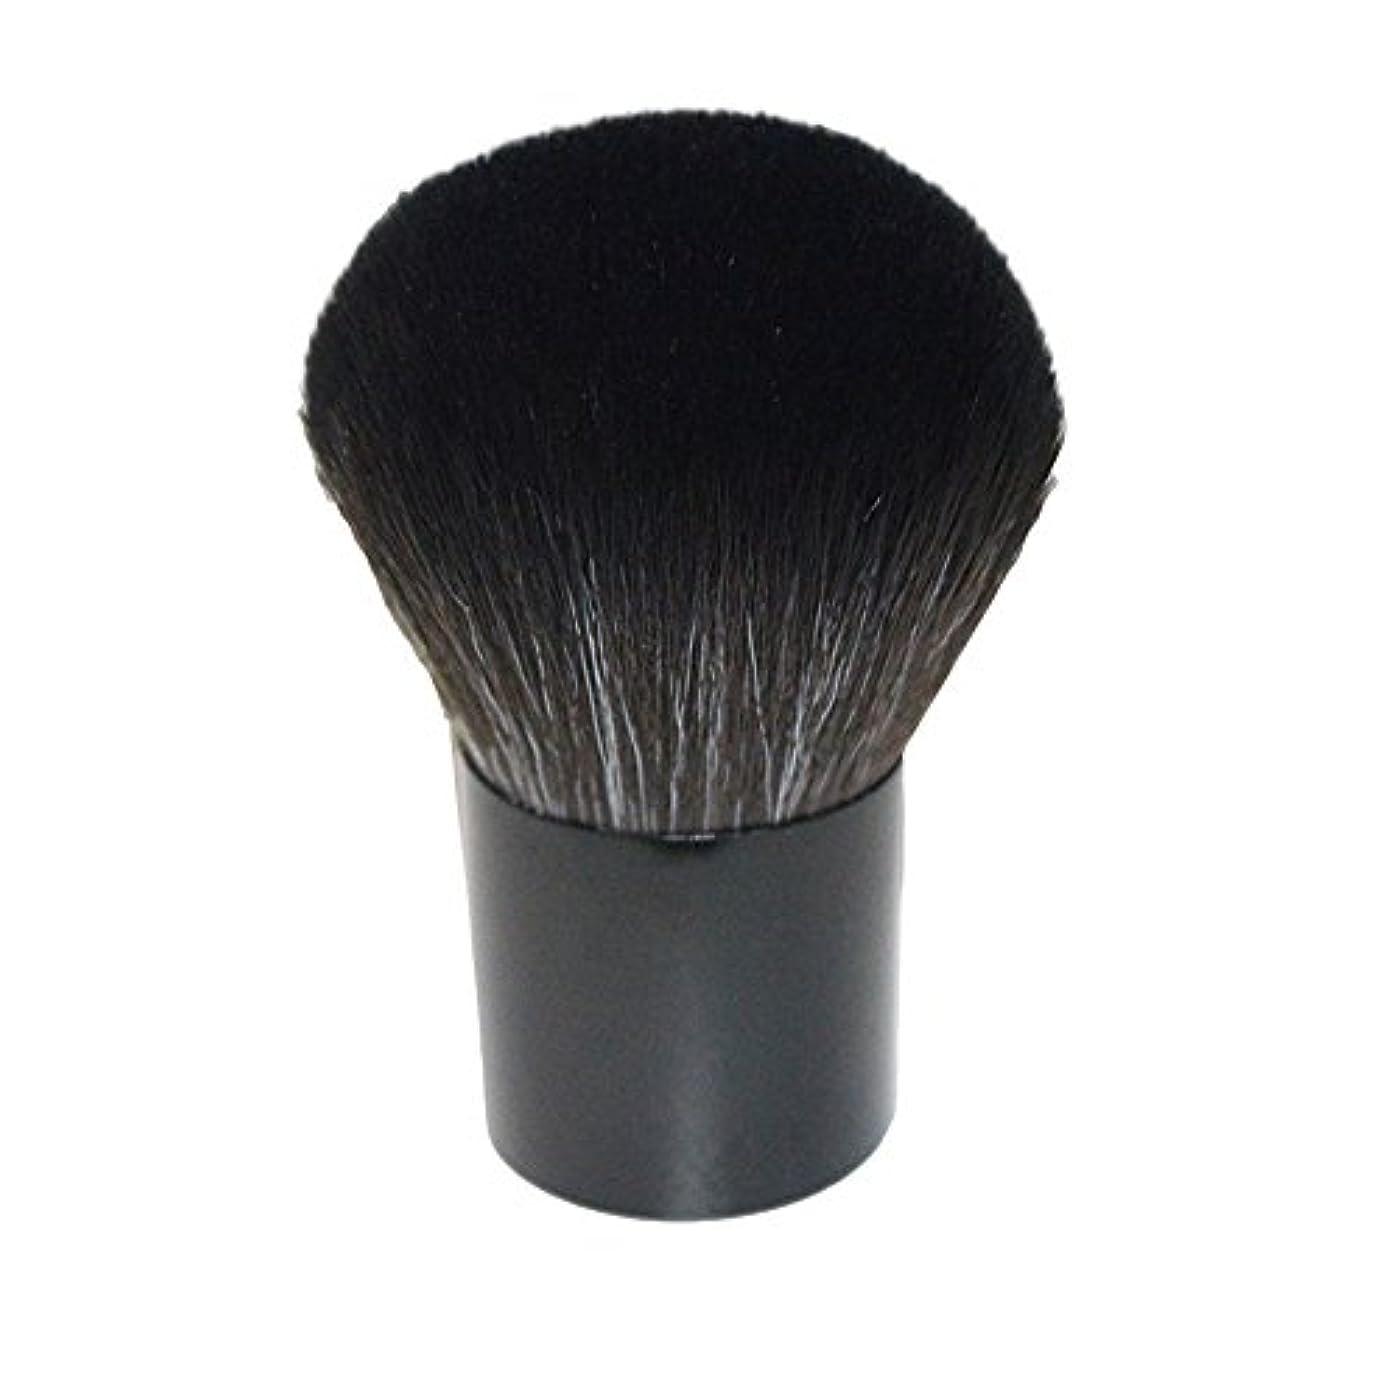 同様の潜在的な感謝祭笑え熊 化粧筆 コスメブラシ 化粧ブラシ 多機能メイクブラシケース 扇形 ハイライト 毛質ふわふわ 激安 オススメ (ブラック2)